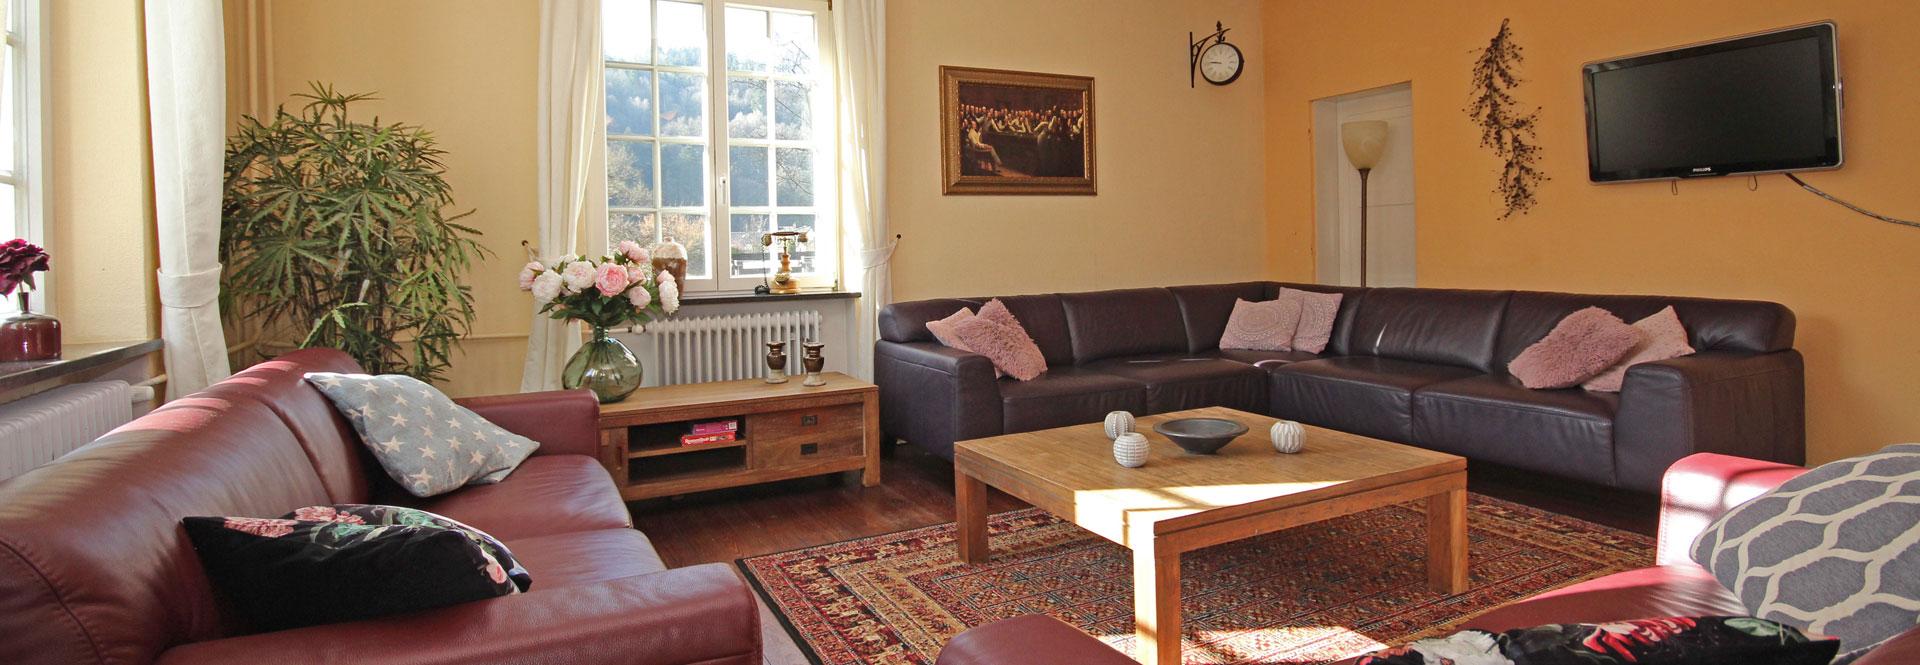 luxe vakantiehuis 16 personen privé bioscoop, sauna en jacuzzi in Eifel, Nederland